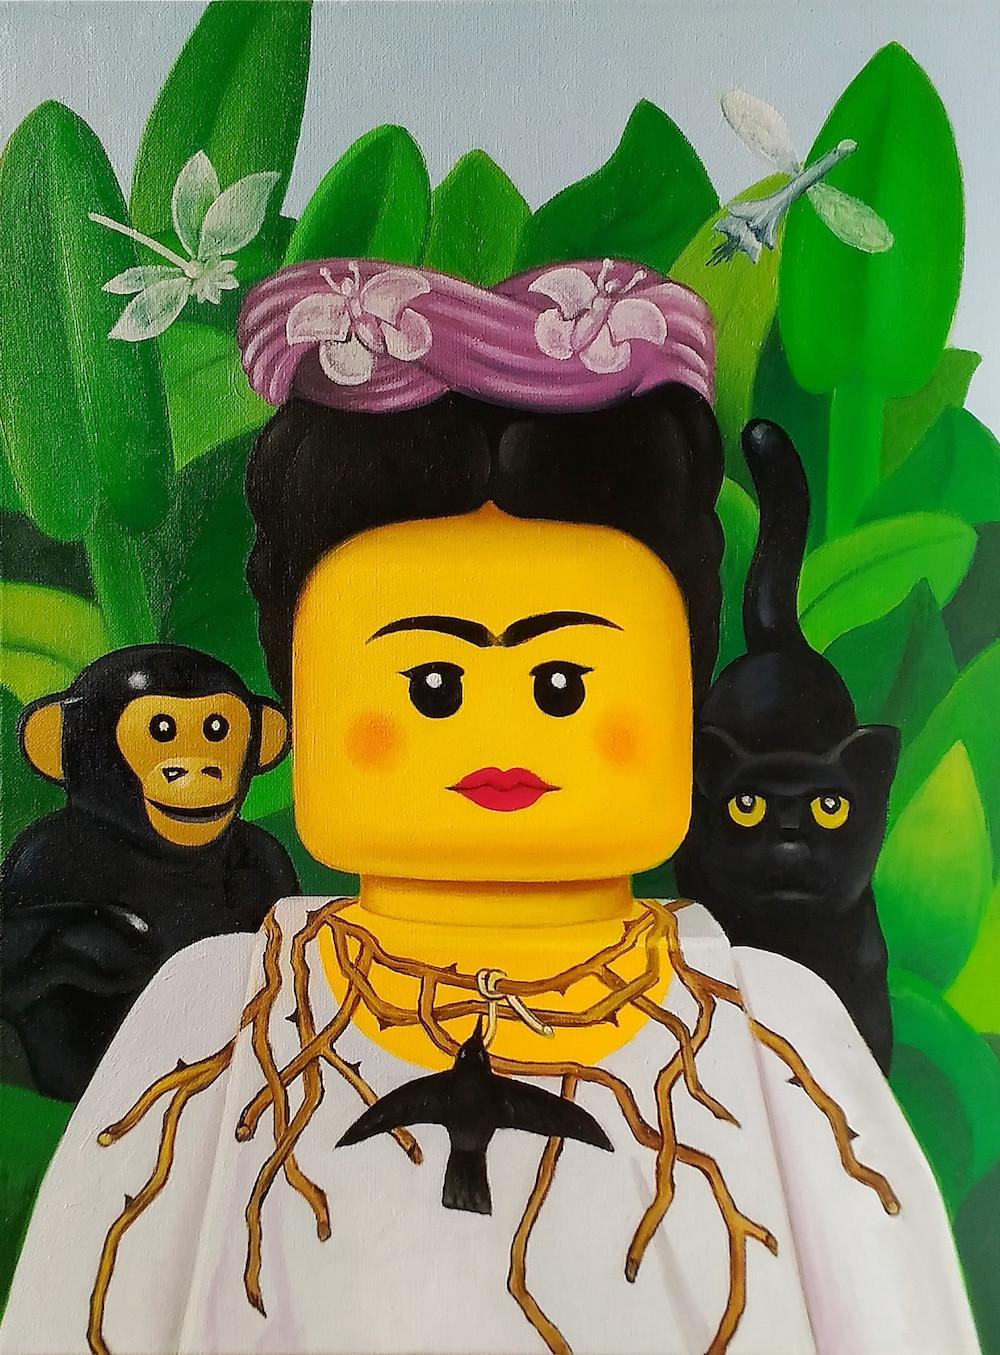 frida kahlo LEGO art painting stefano bolcato